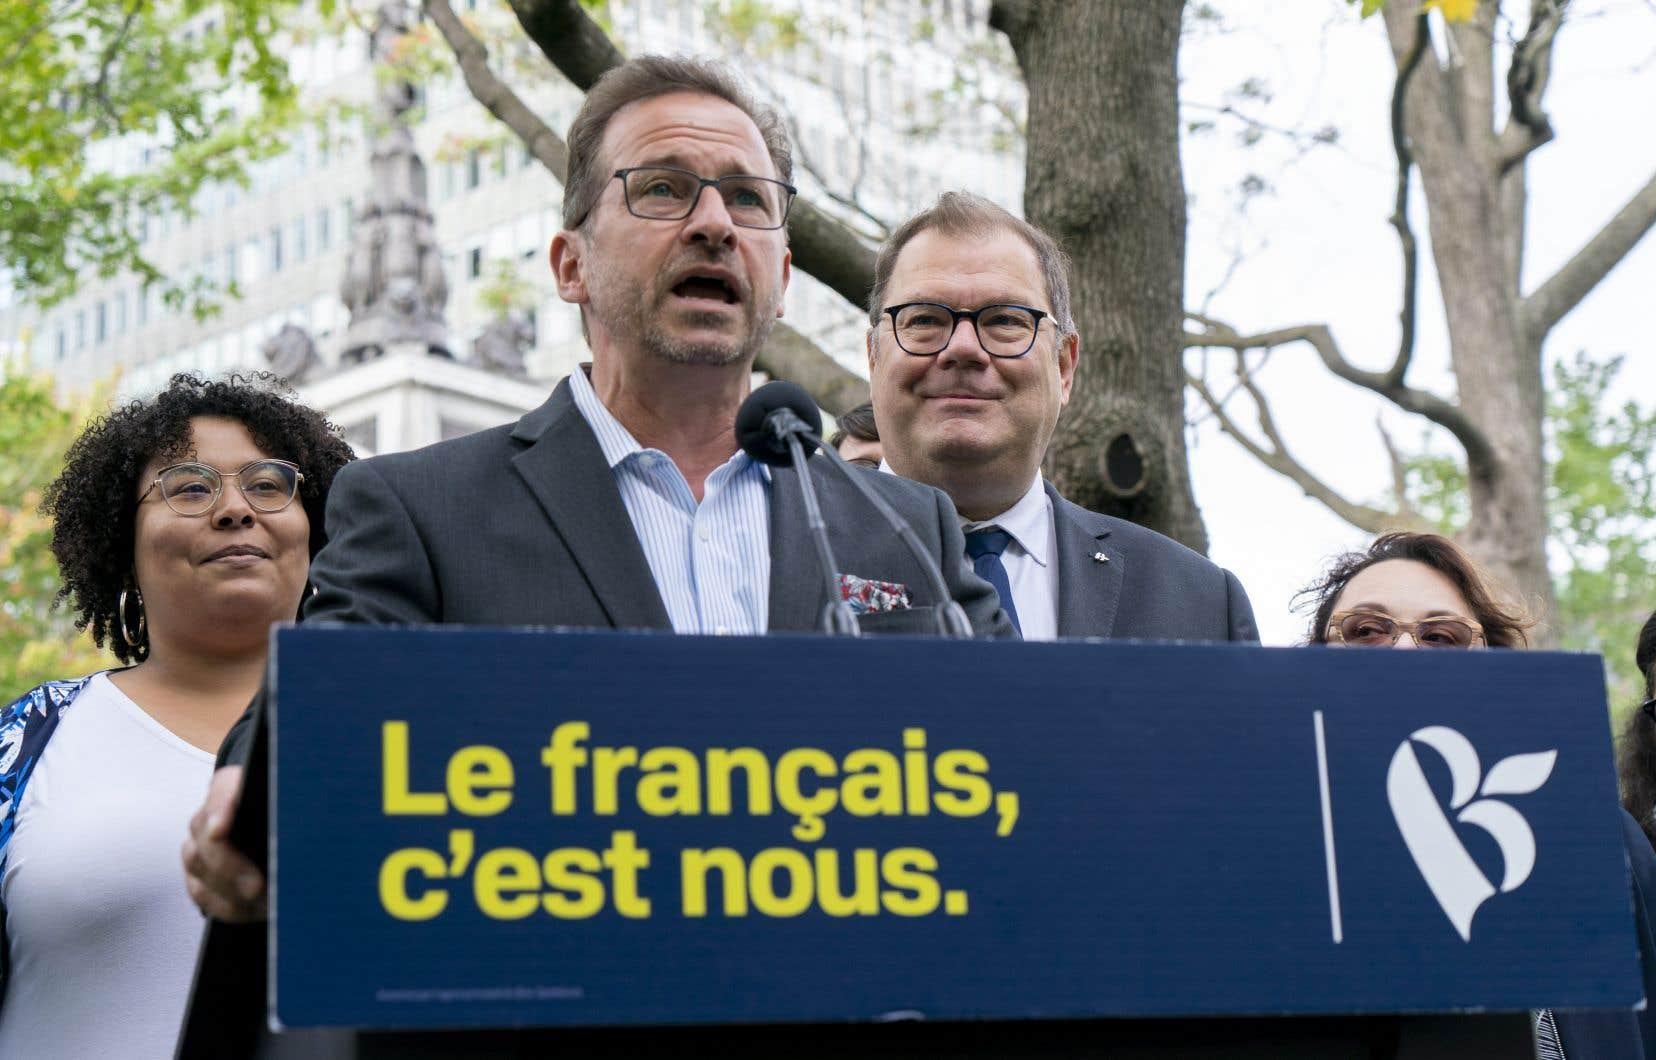 «C'est pas quelque chose de vilain, c'est pas quelque chose d'outrancier, c'est surtout pas quelque chose de raciste, c'est quelque chose de responsable», s'est défendule chef du Bloc québécois, Yves-François Blanchet.